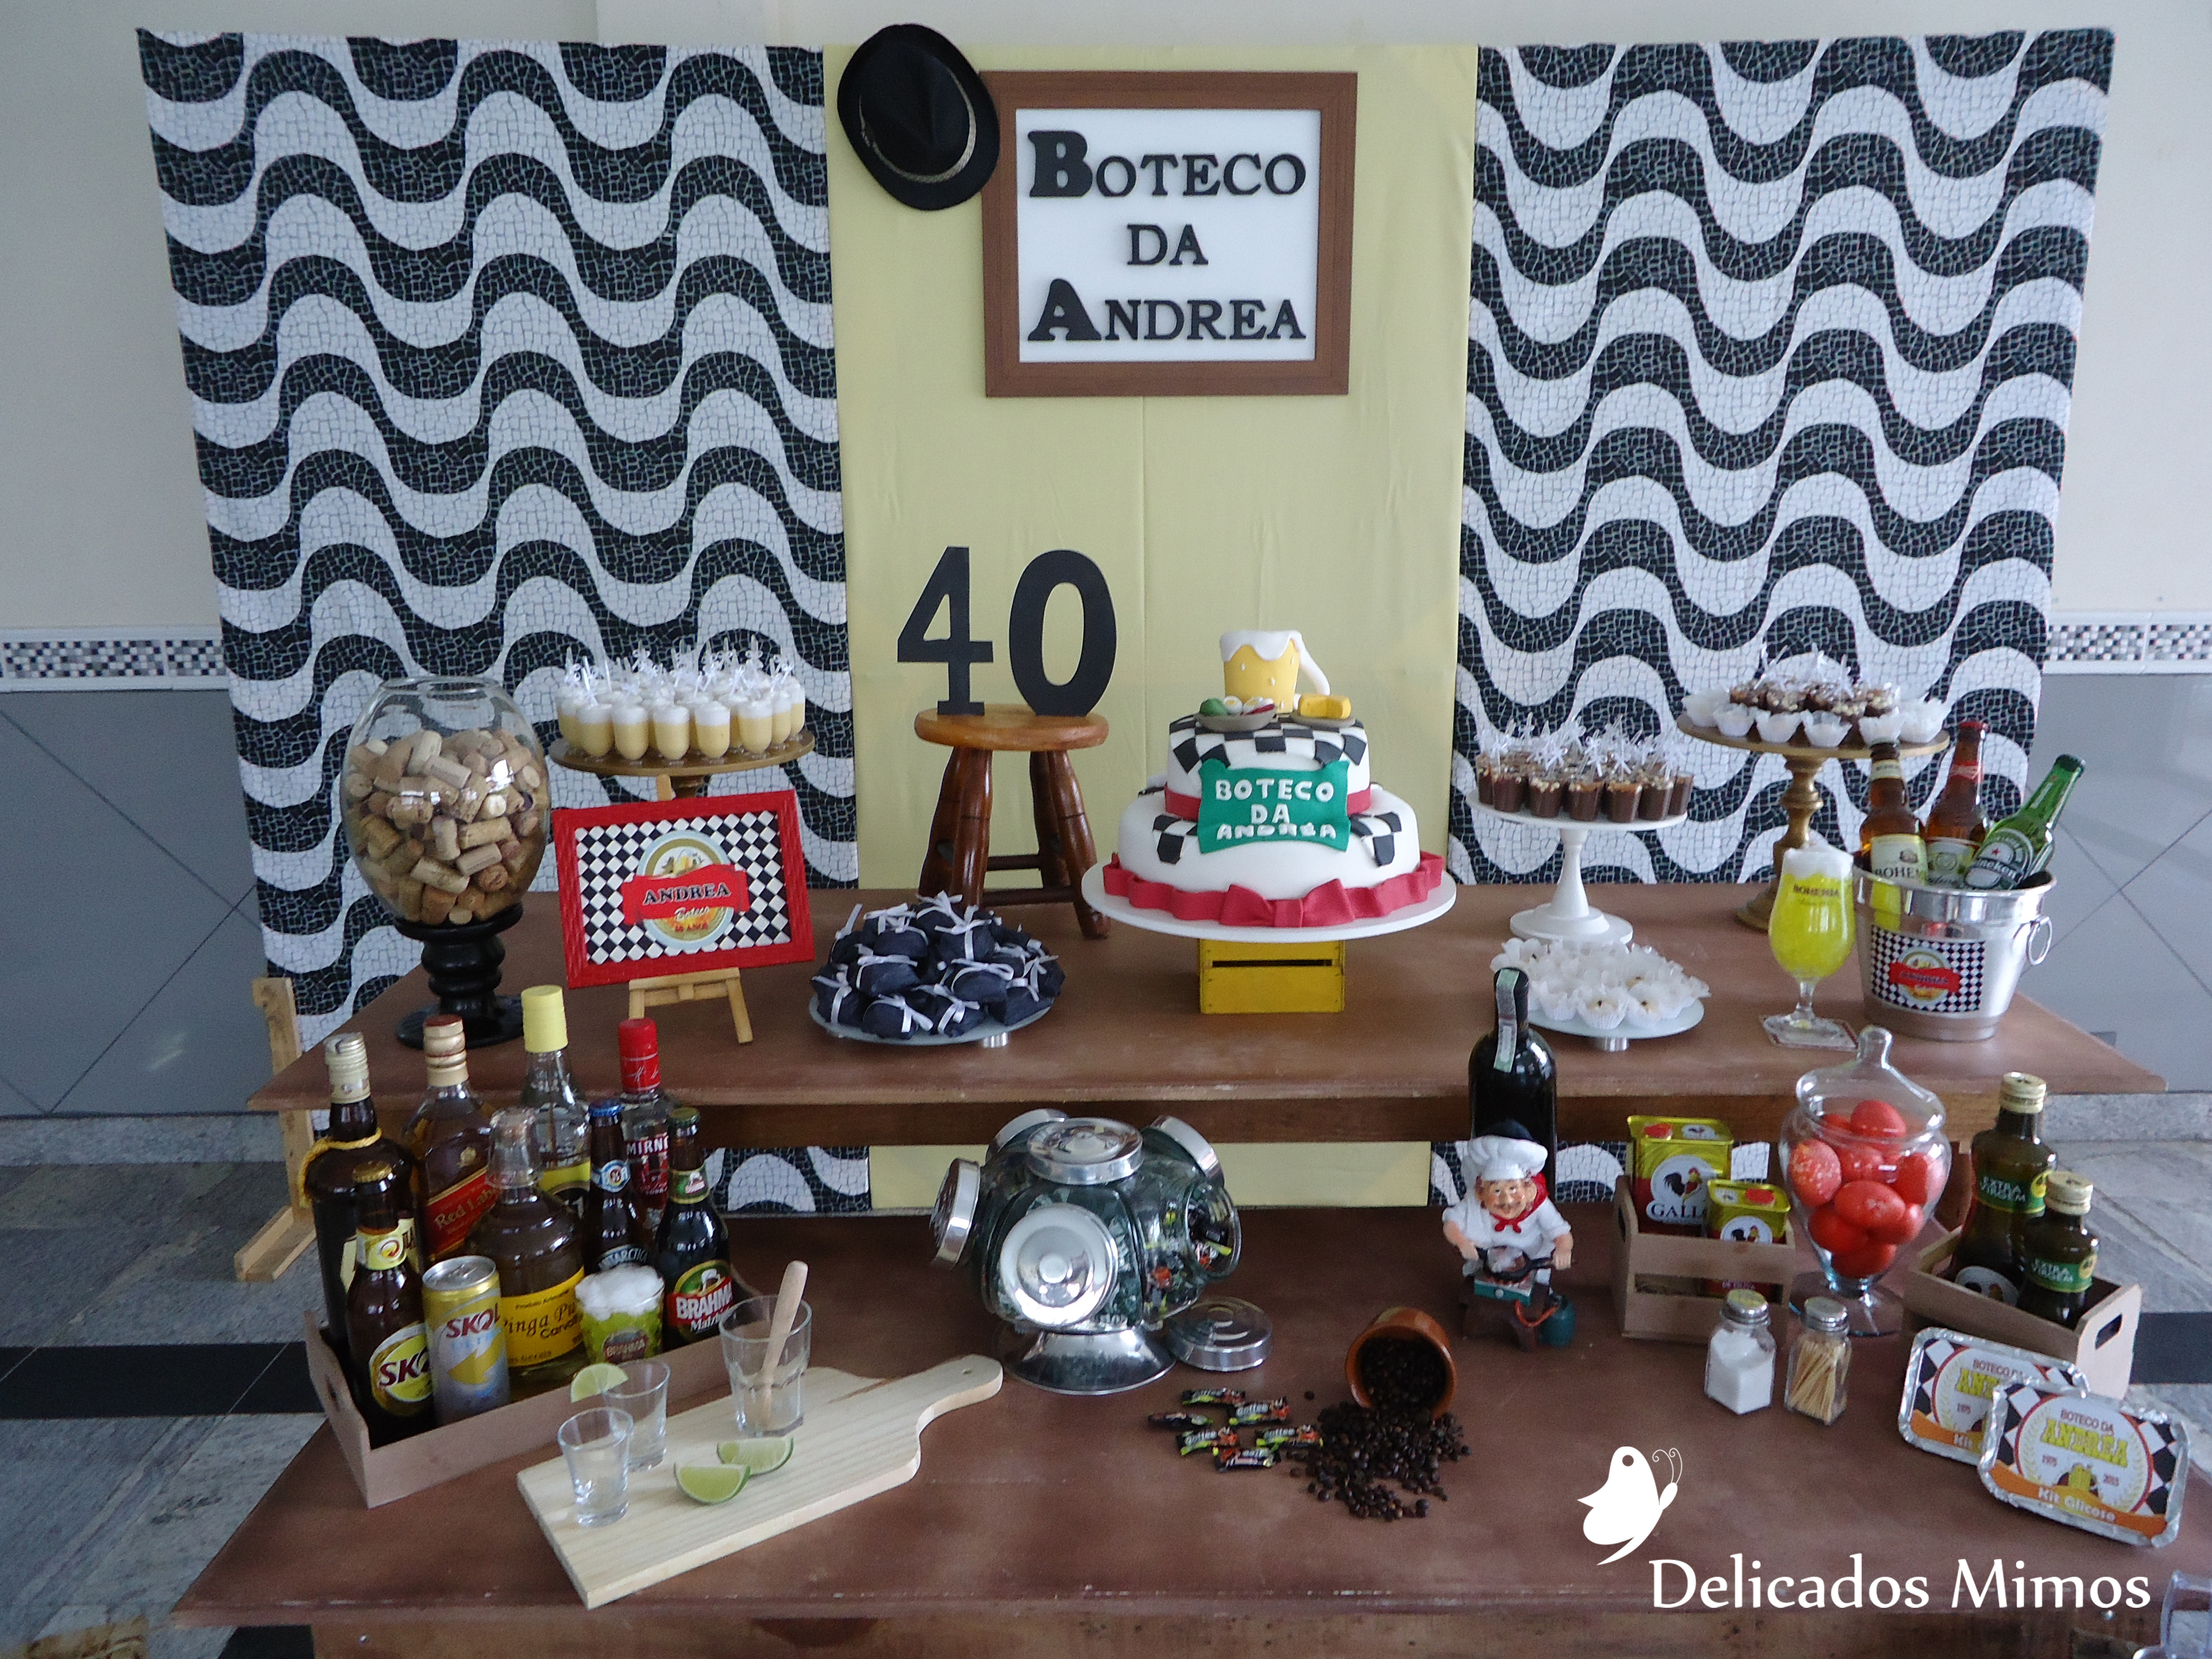 Decoraç u00e3o Tema Boteco II Delicados Mimos RJ Elo7